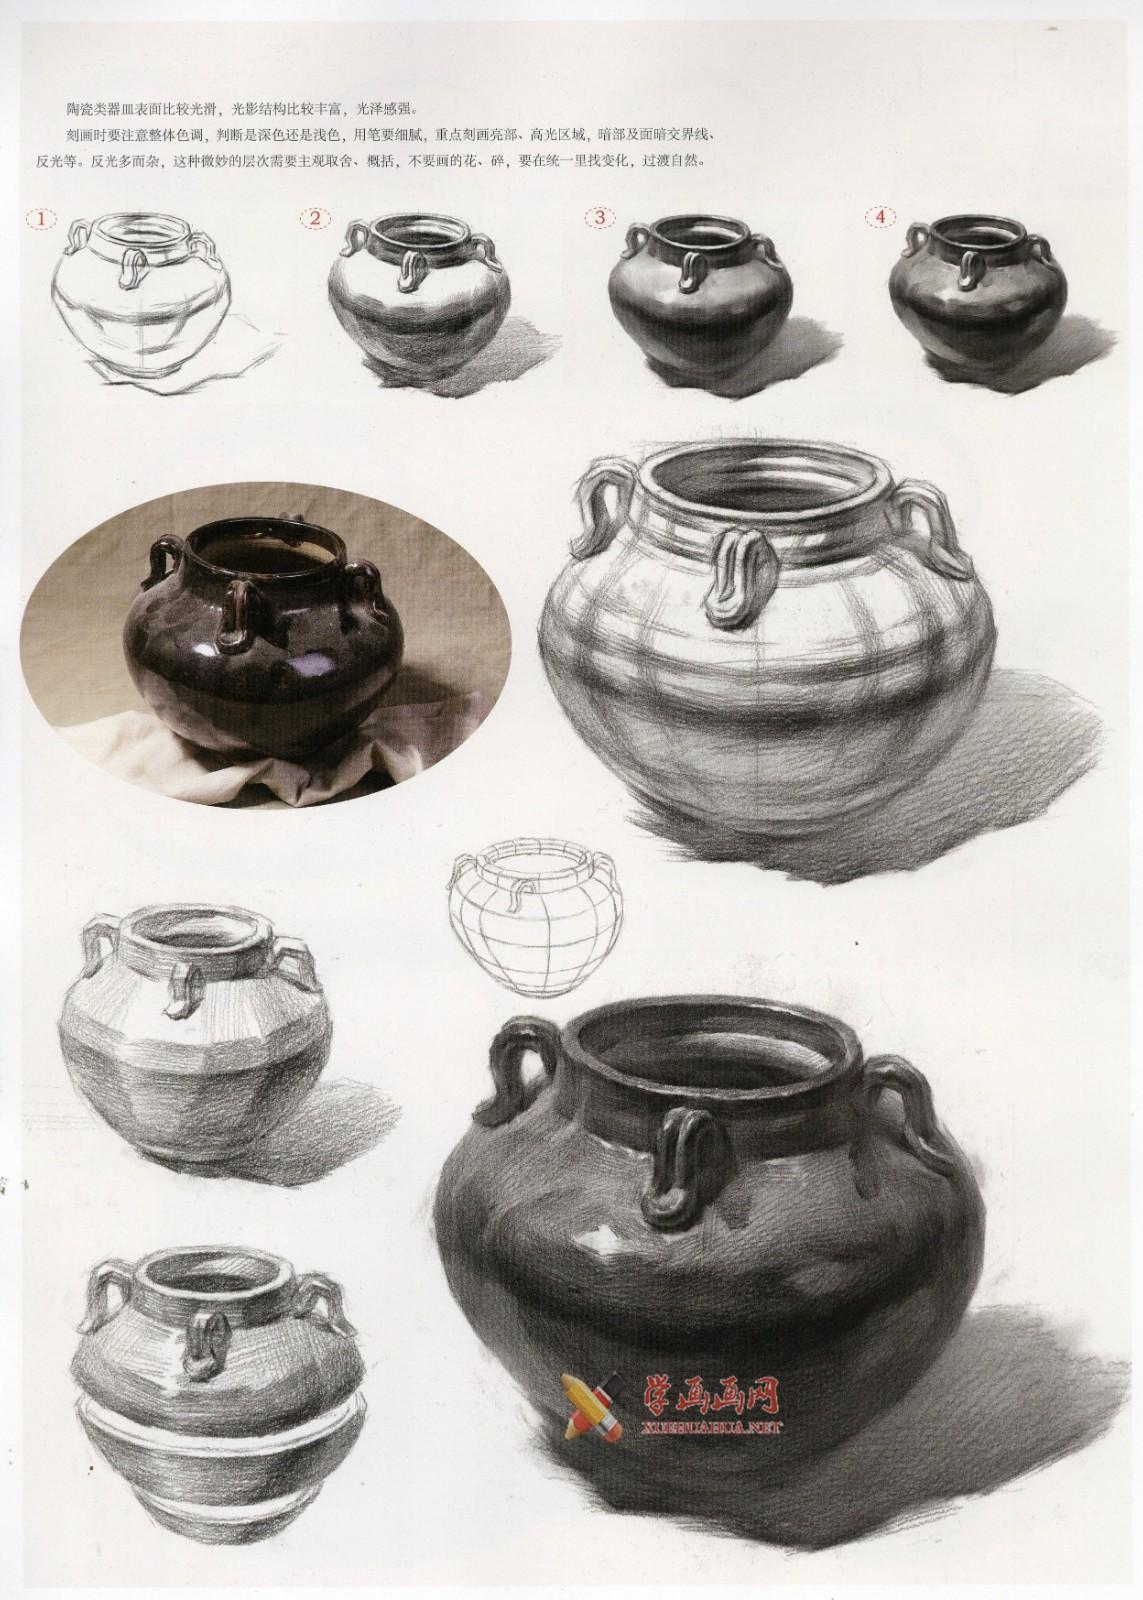 素描陶罐、陶瓷类静物画法图解及临摹范画图片(7)